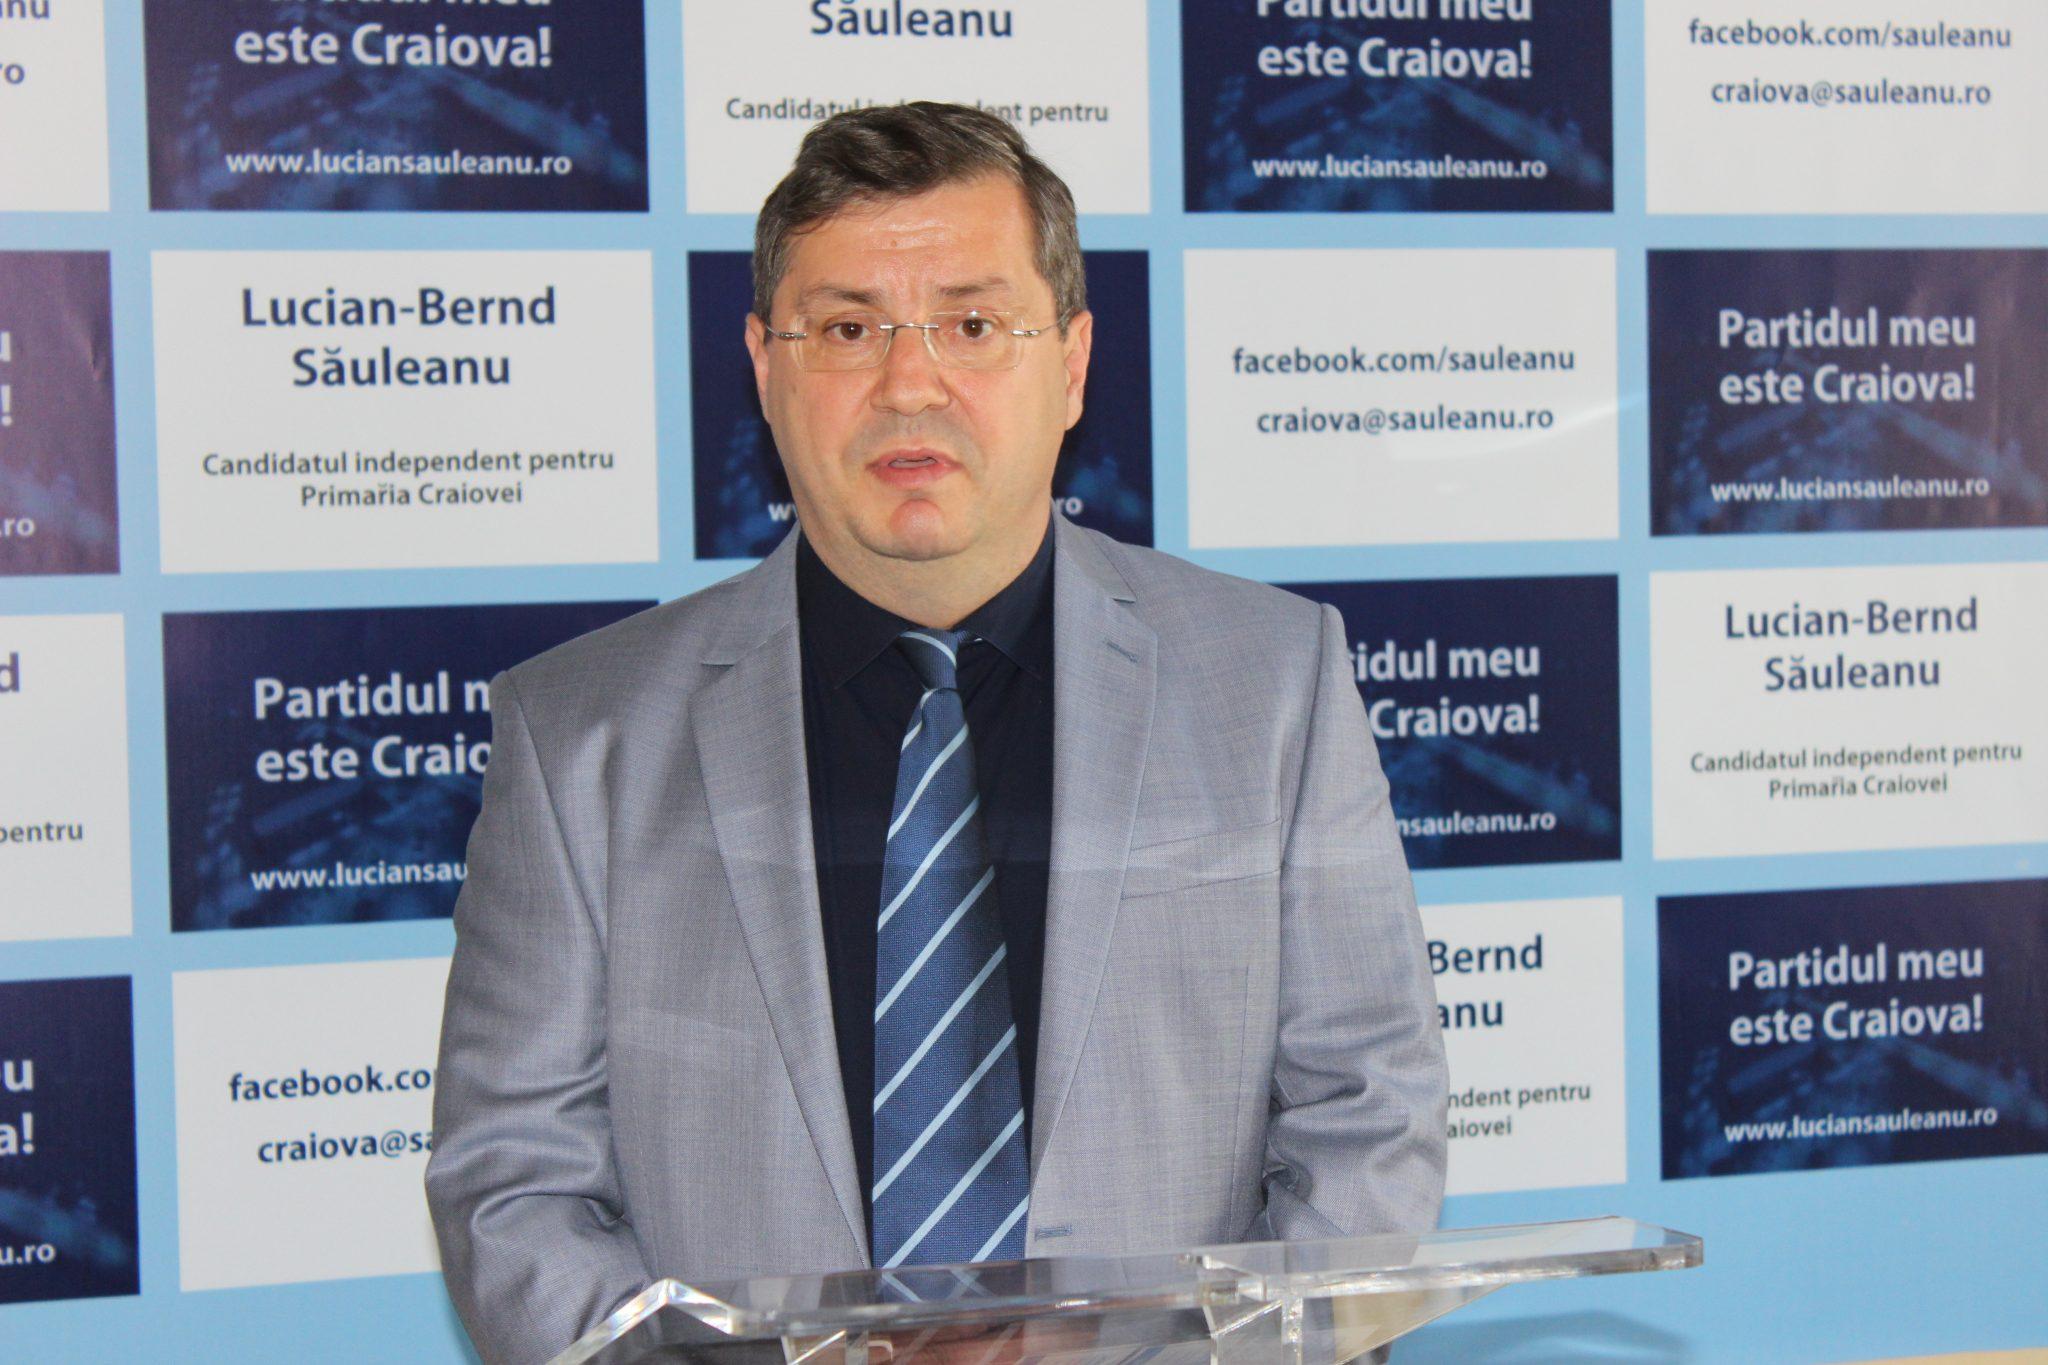 Săuleanu: Ca structură umană și pregătire profesională sunt liberal, dar mă adresez tuturor craiovenilor de la care preiau idei și soluții